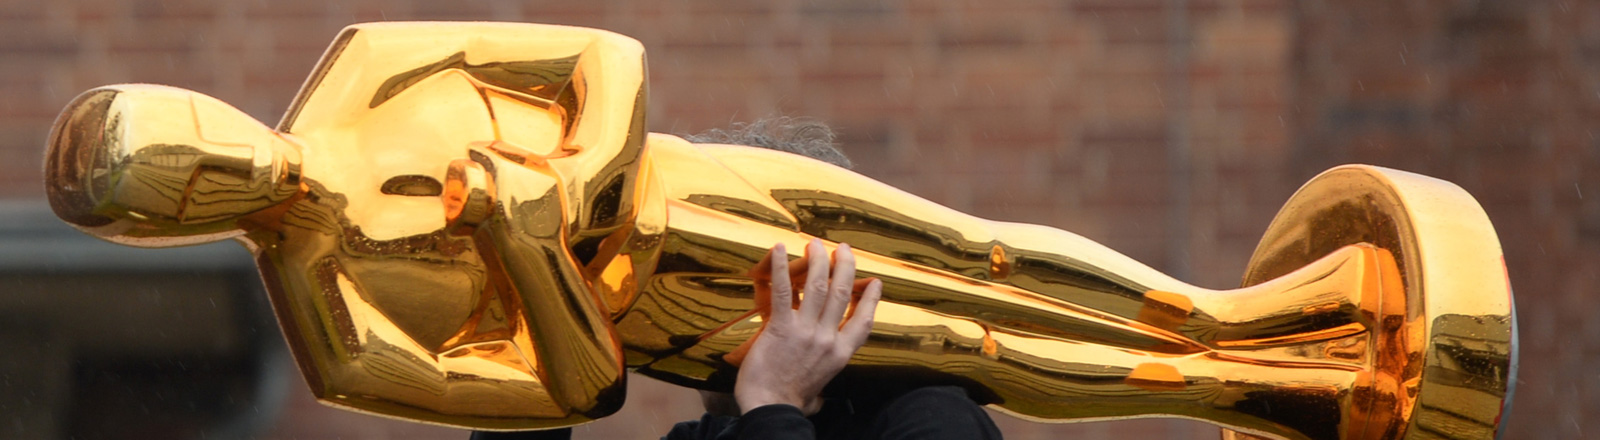 Ein Mann trägt eine großformatige Oscarstatue auf der Schulter.